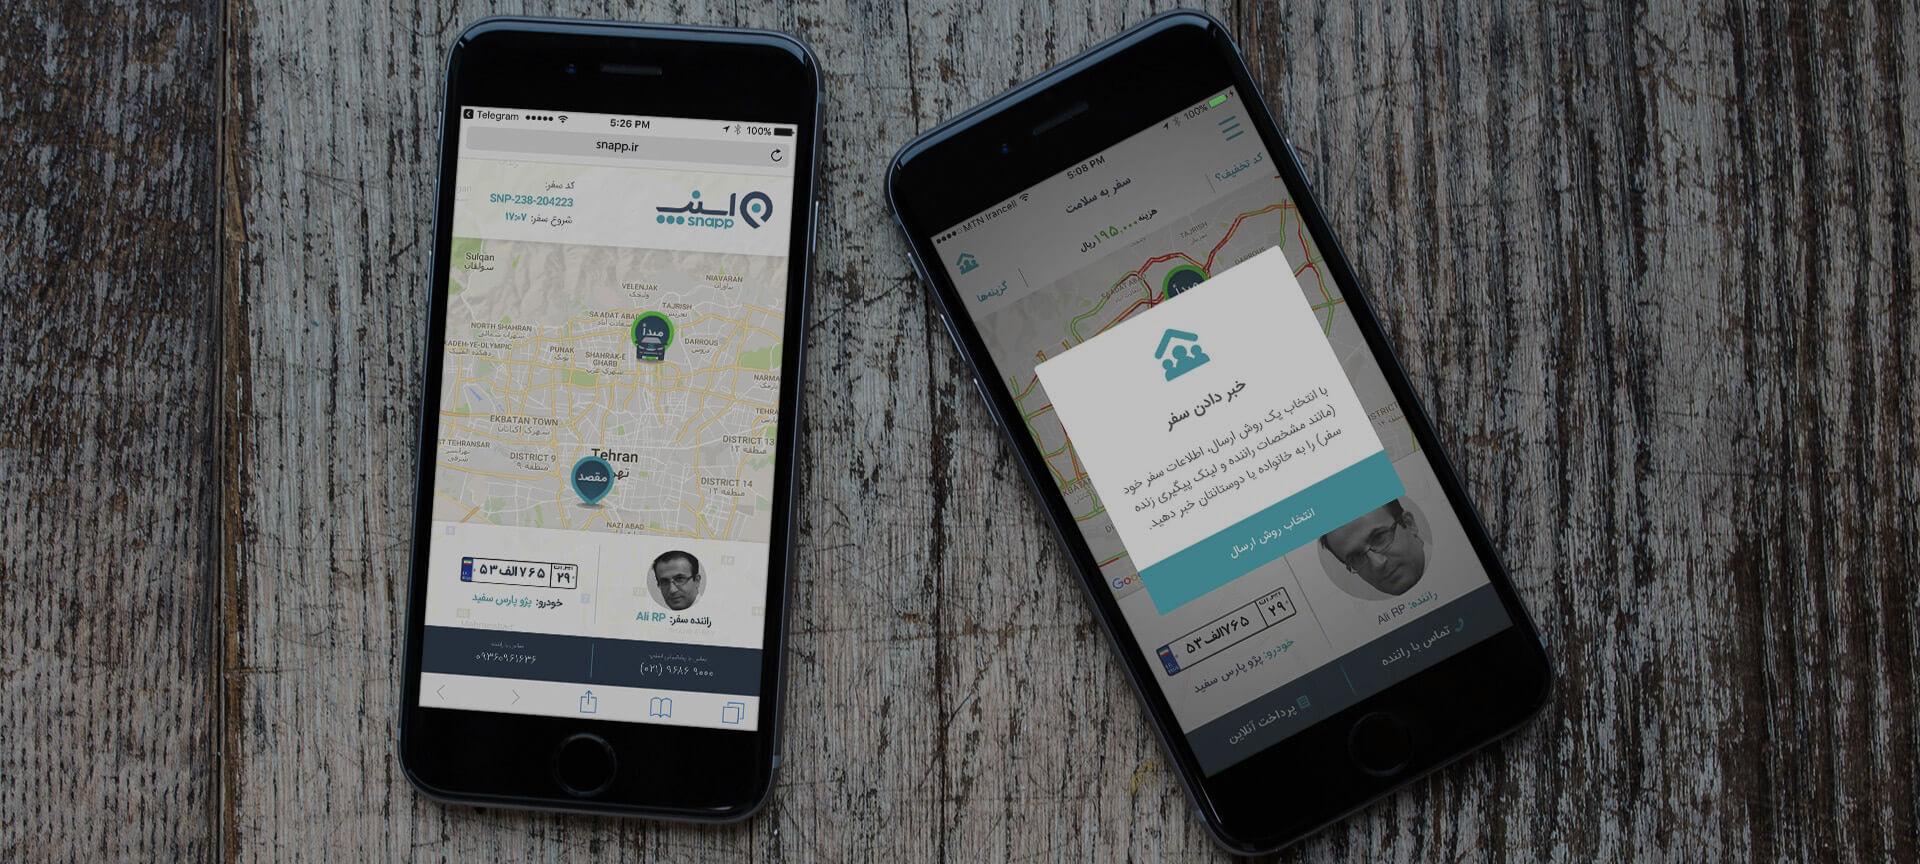 「Snapp」是一套車輛共乘服務系統,被稱做伊朗版本的Uber,更提供了專為婦女和小孩服務的女性司機。(圖片來源:Snapp官網)